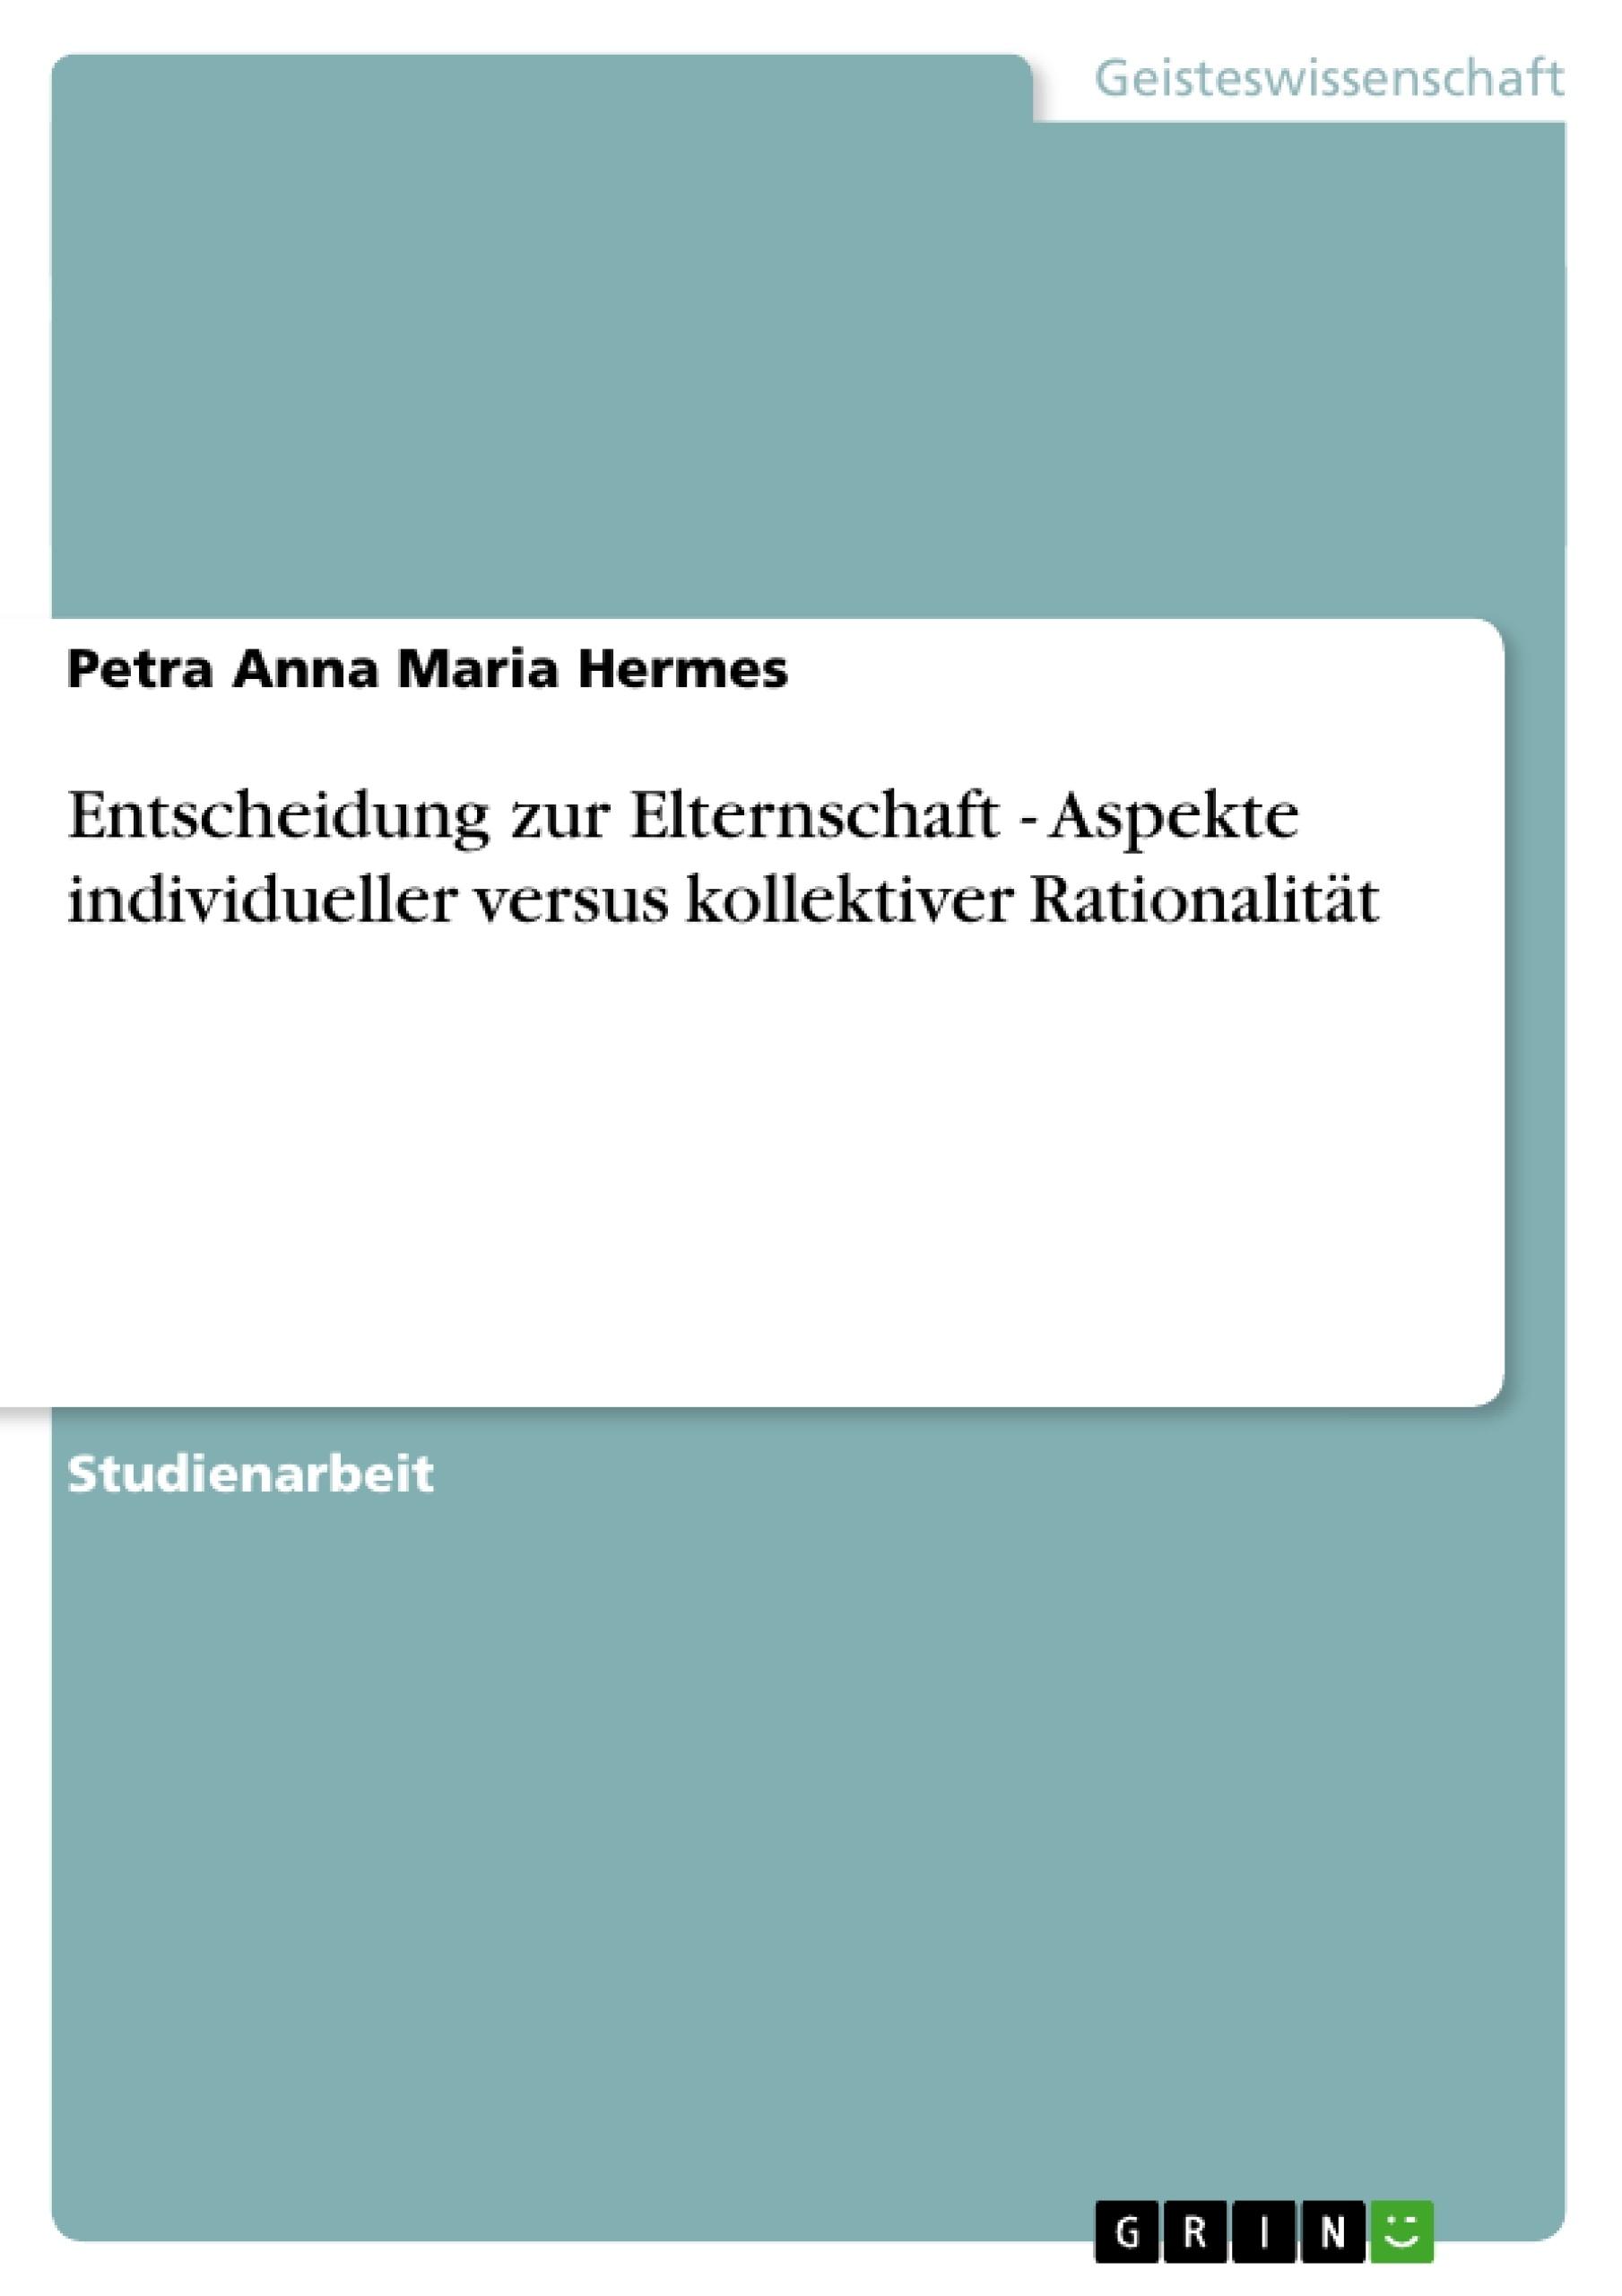 Titel: Entscheidung zur Elternschaft - Aspekte individueller versus kollektiver Rationalität